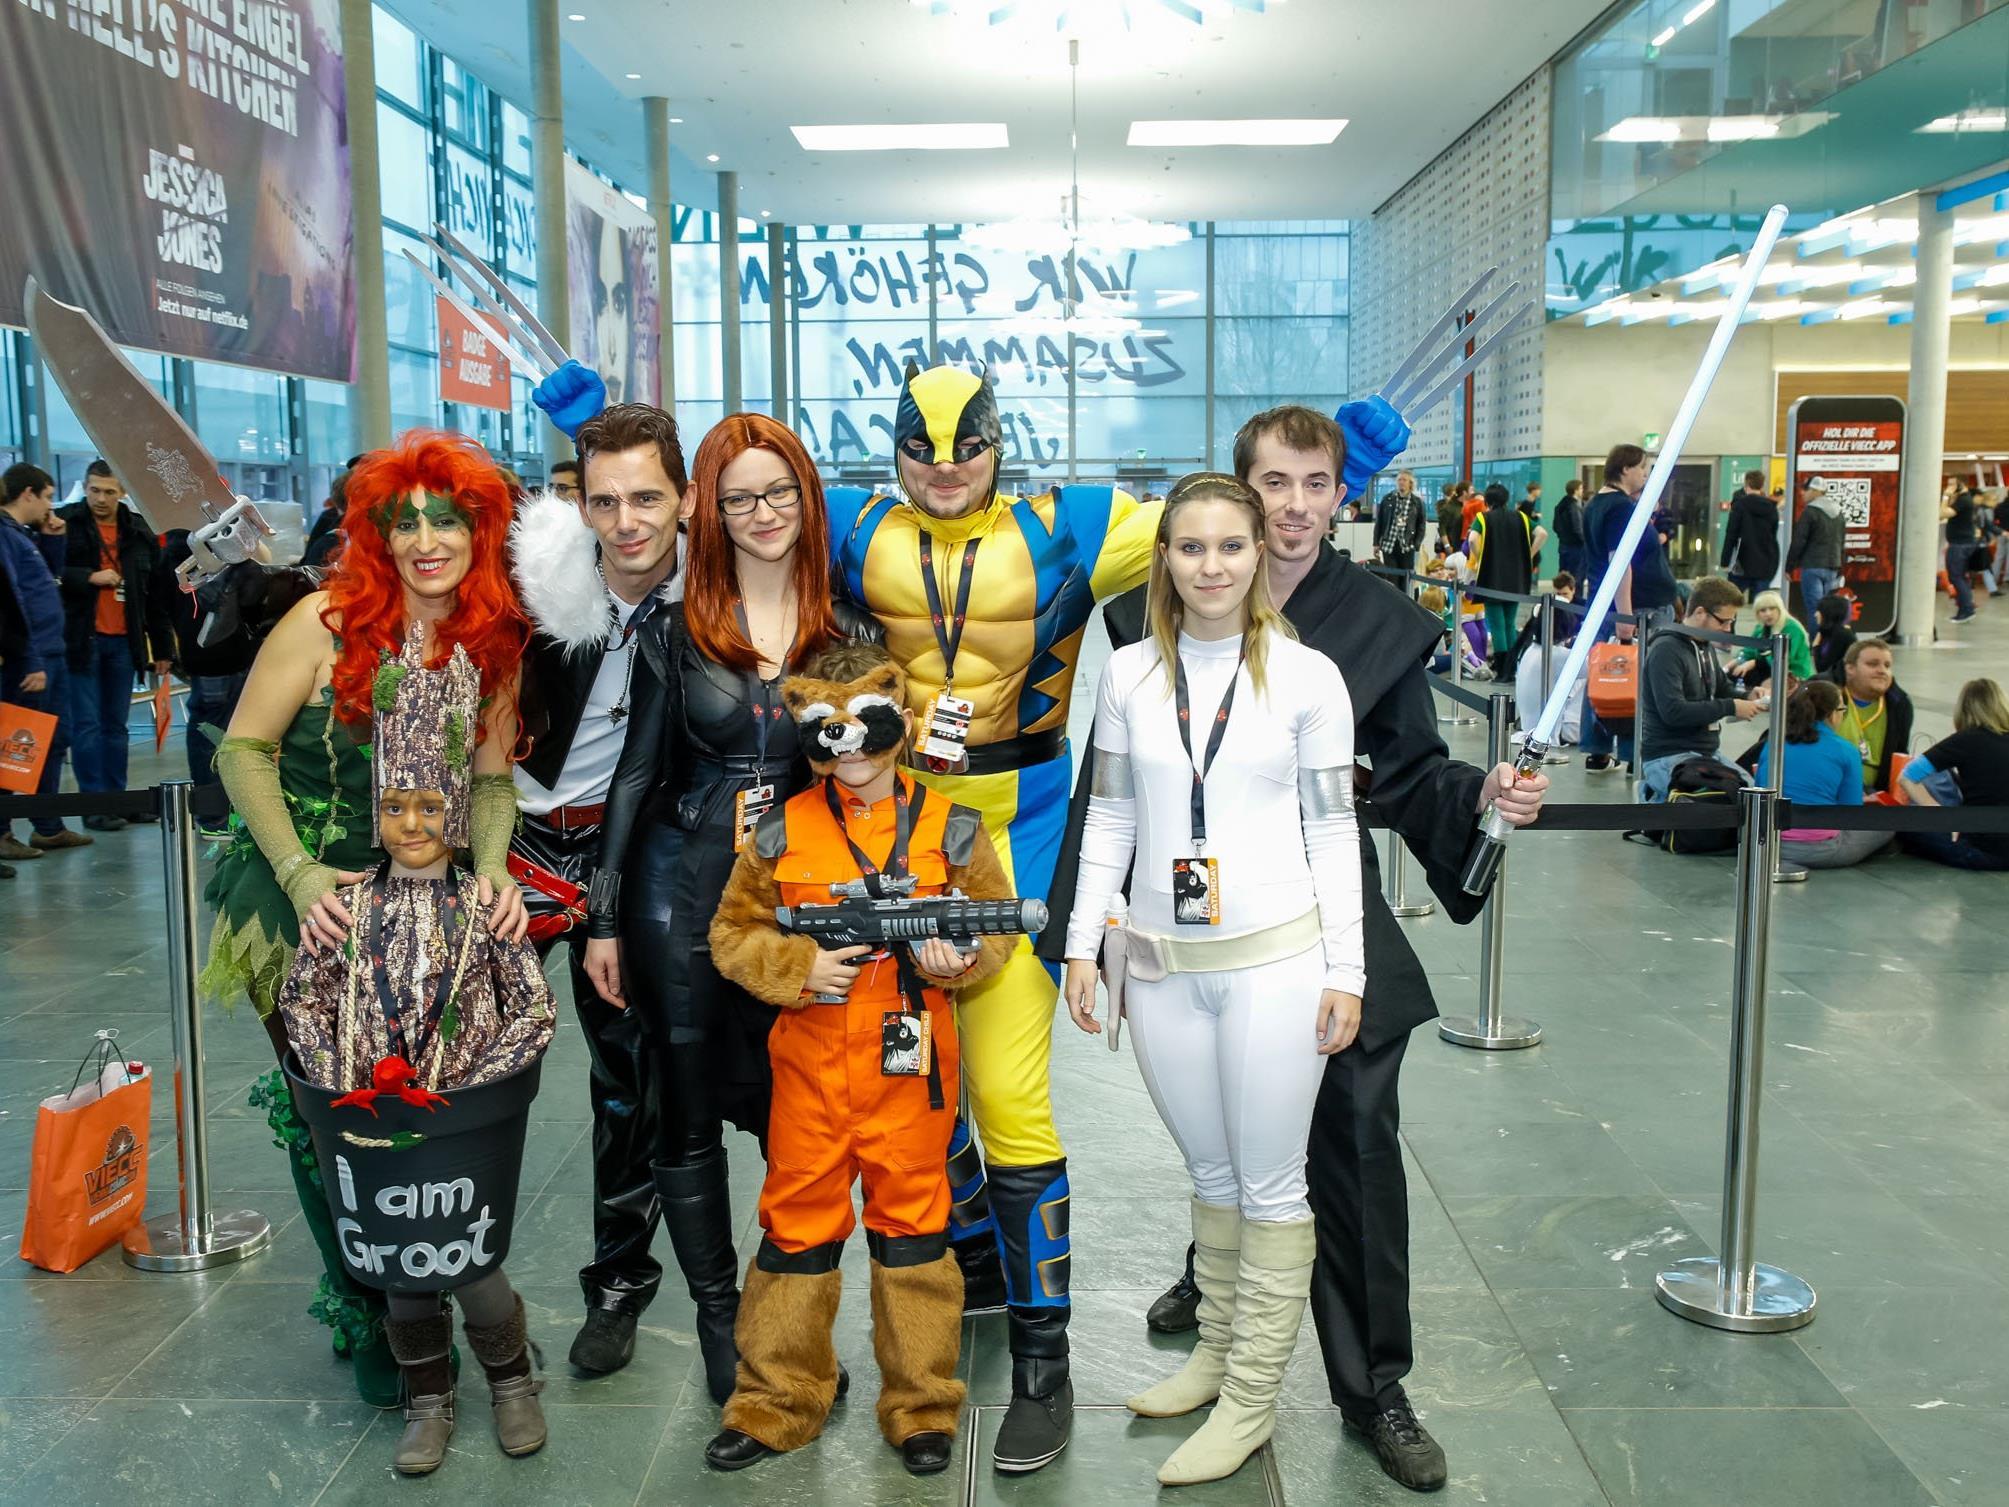 Das Programm zur VIECC Vienna Comic Con 2016.